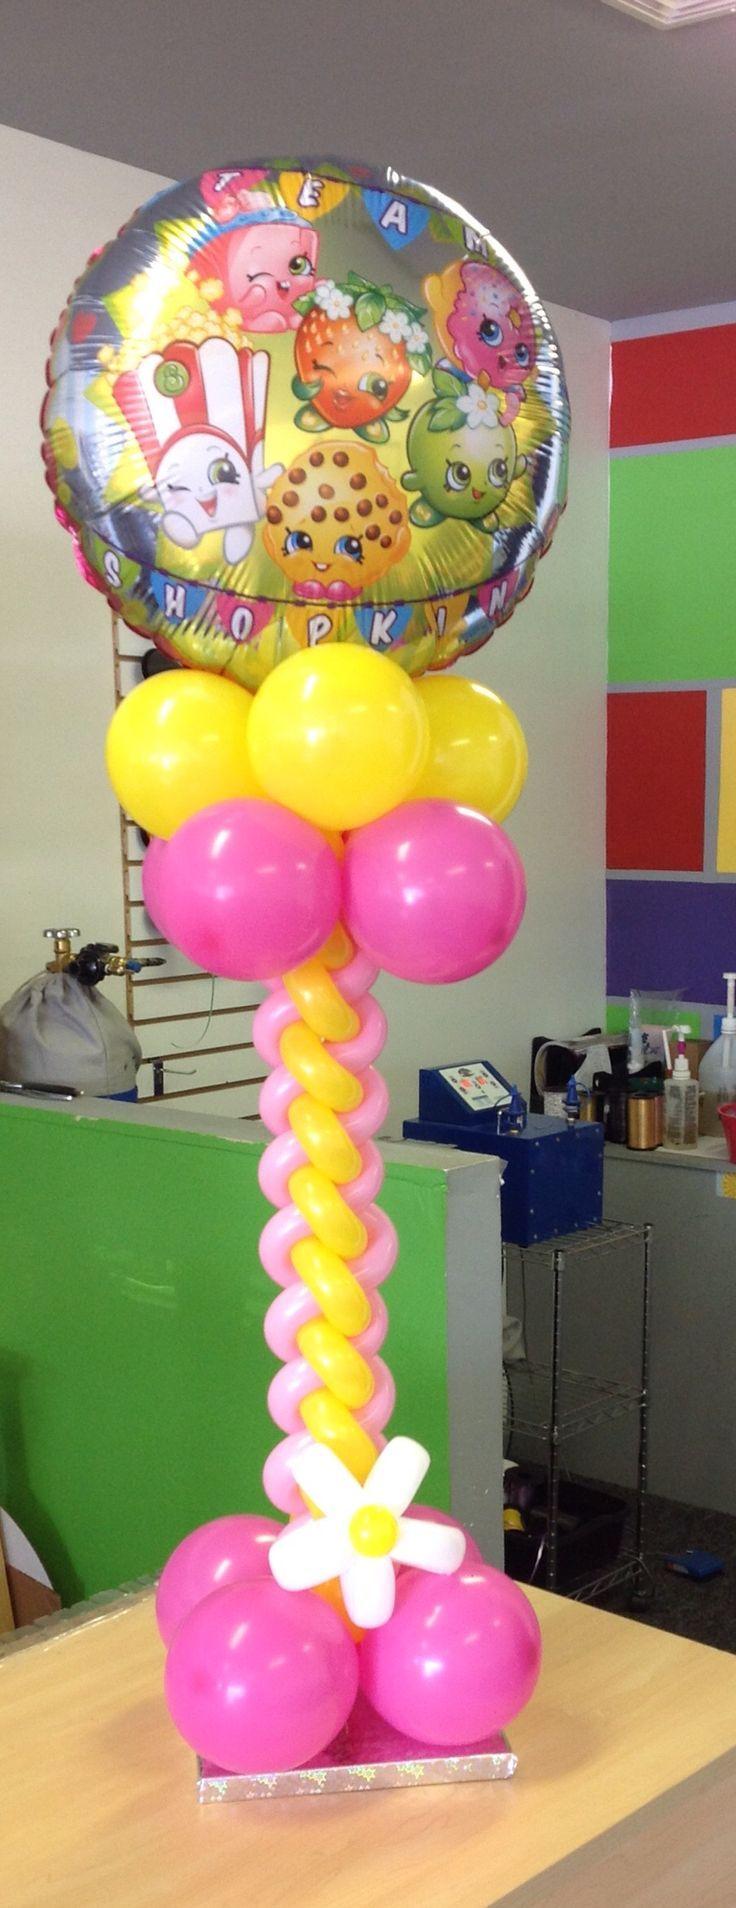 c2f62044f96ef0dc4de370d342c1d620jpg 7361908 Balloon DesignsBalloon IdeasBalloon ColumnsBalloon